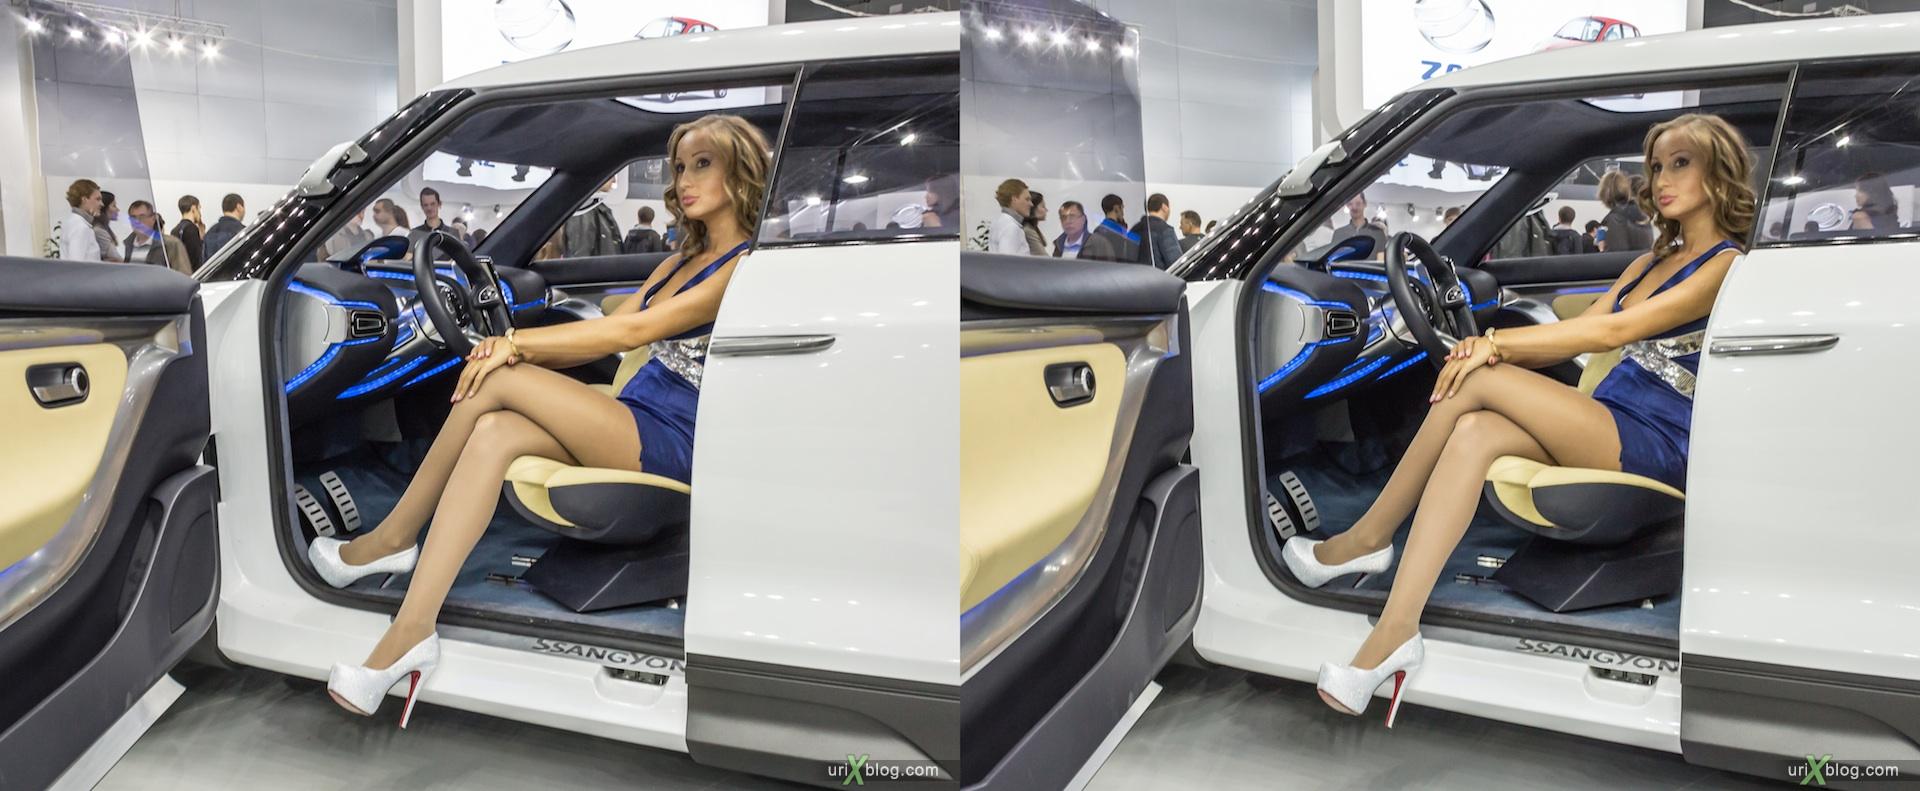 2012, девушка, модель, Московский международный автомобильный салон, ММАС, Крокус Экспо, 3D, стереопара